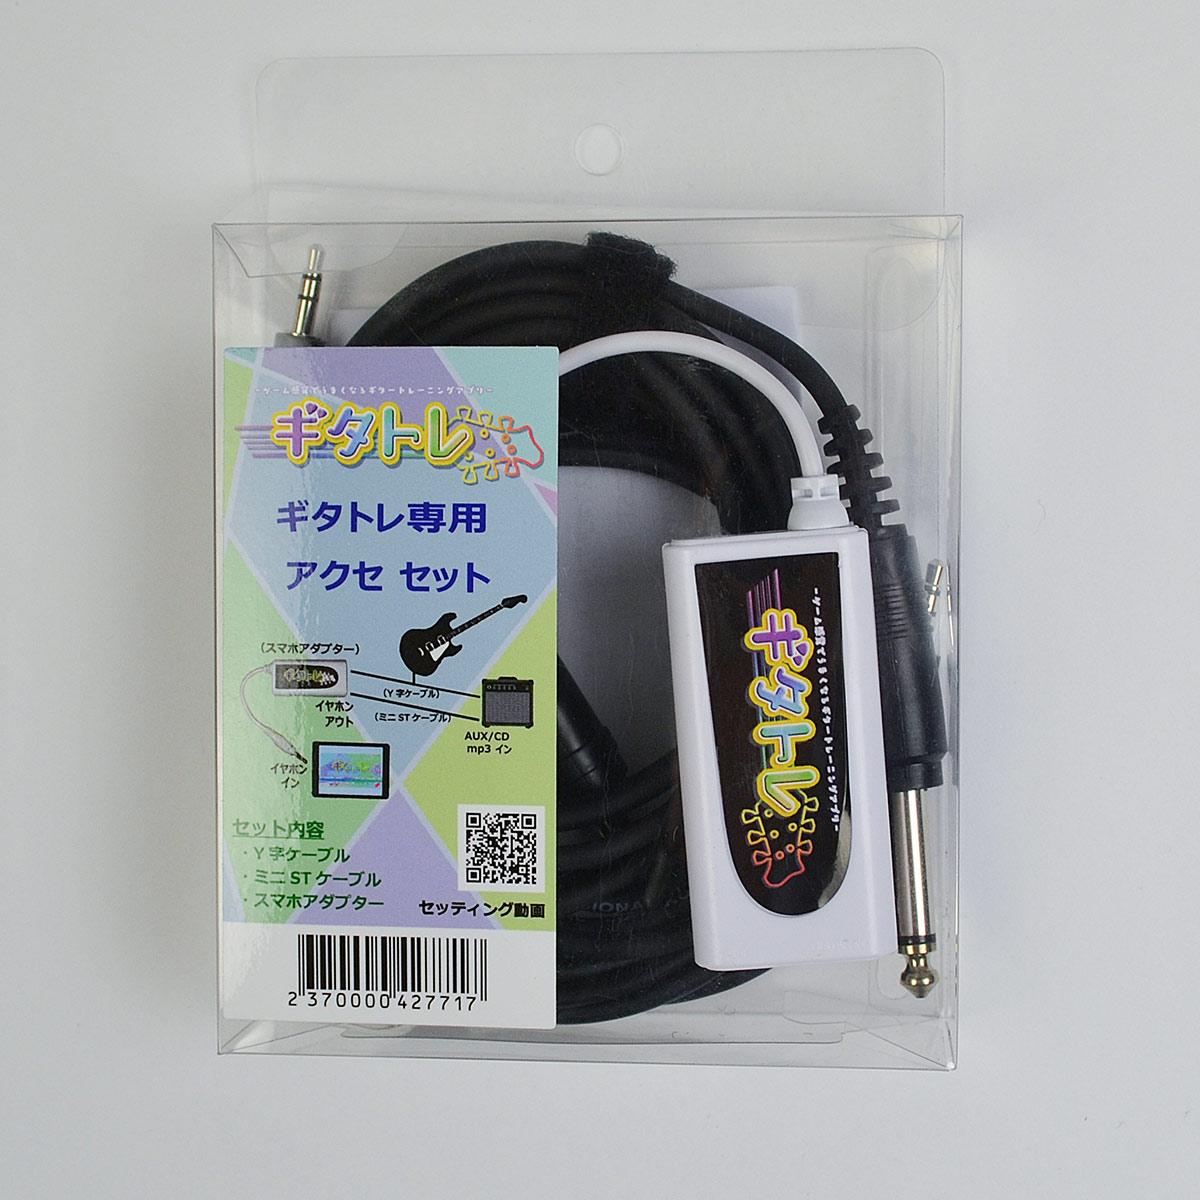 島村楽器ギタートレーニングアプリ「ギタトレ」用接続ケーブルセット